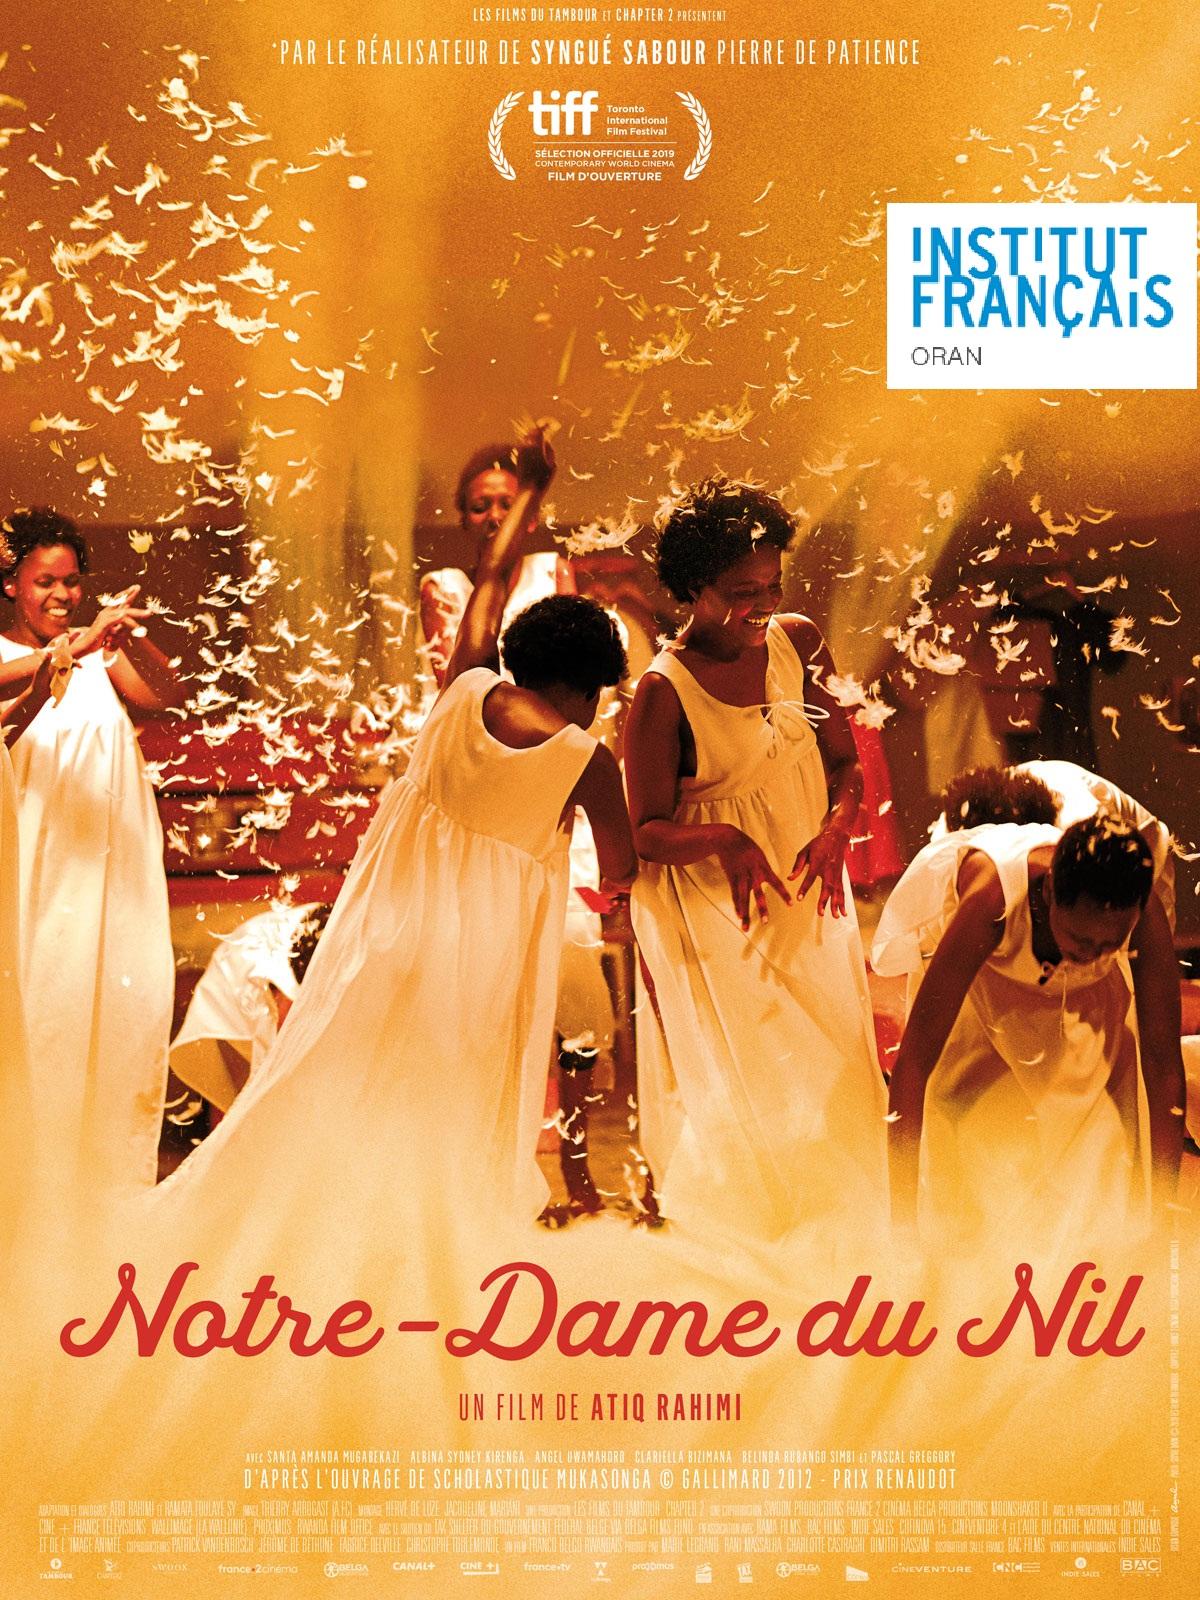 NOTRE-DAME DU NIL: Institut Français D'Oran